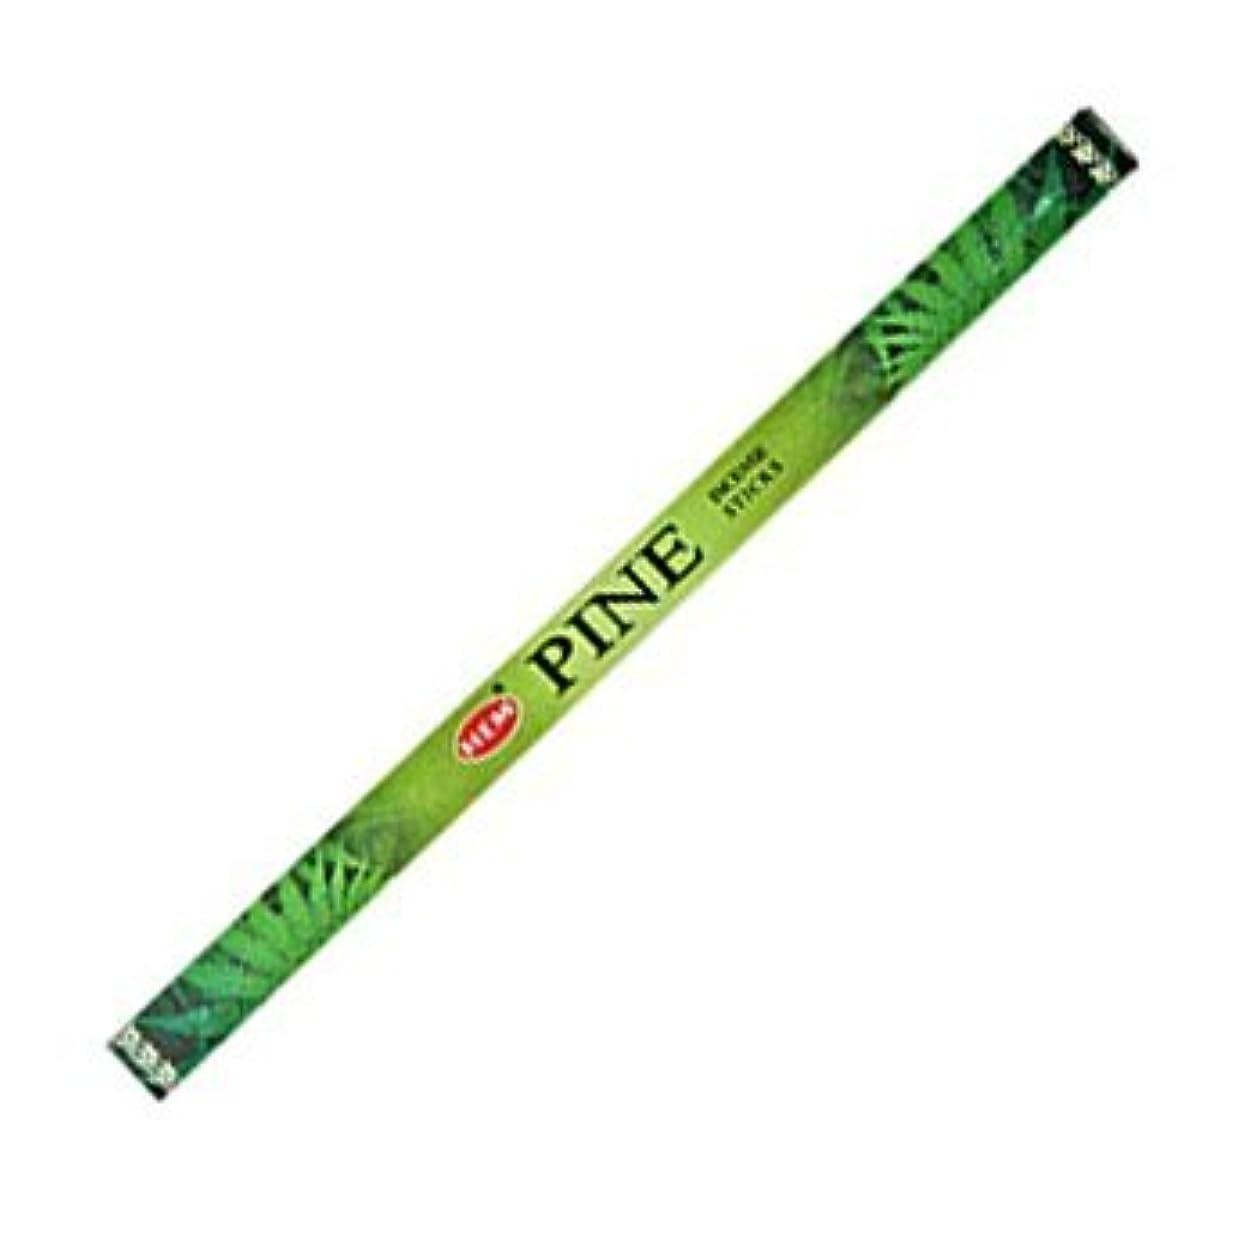 残りお茶好奇心Hemパイン香20 Sticks Hex Pack